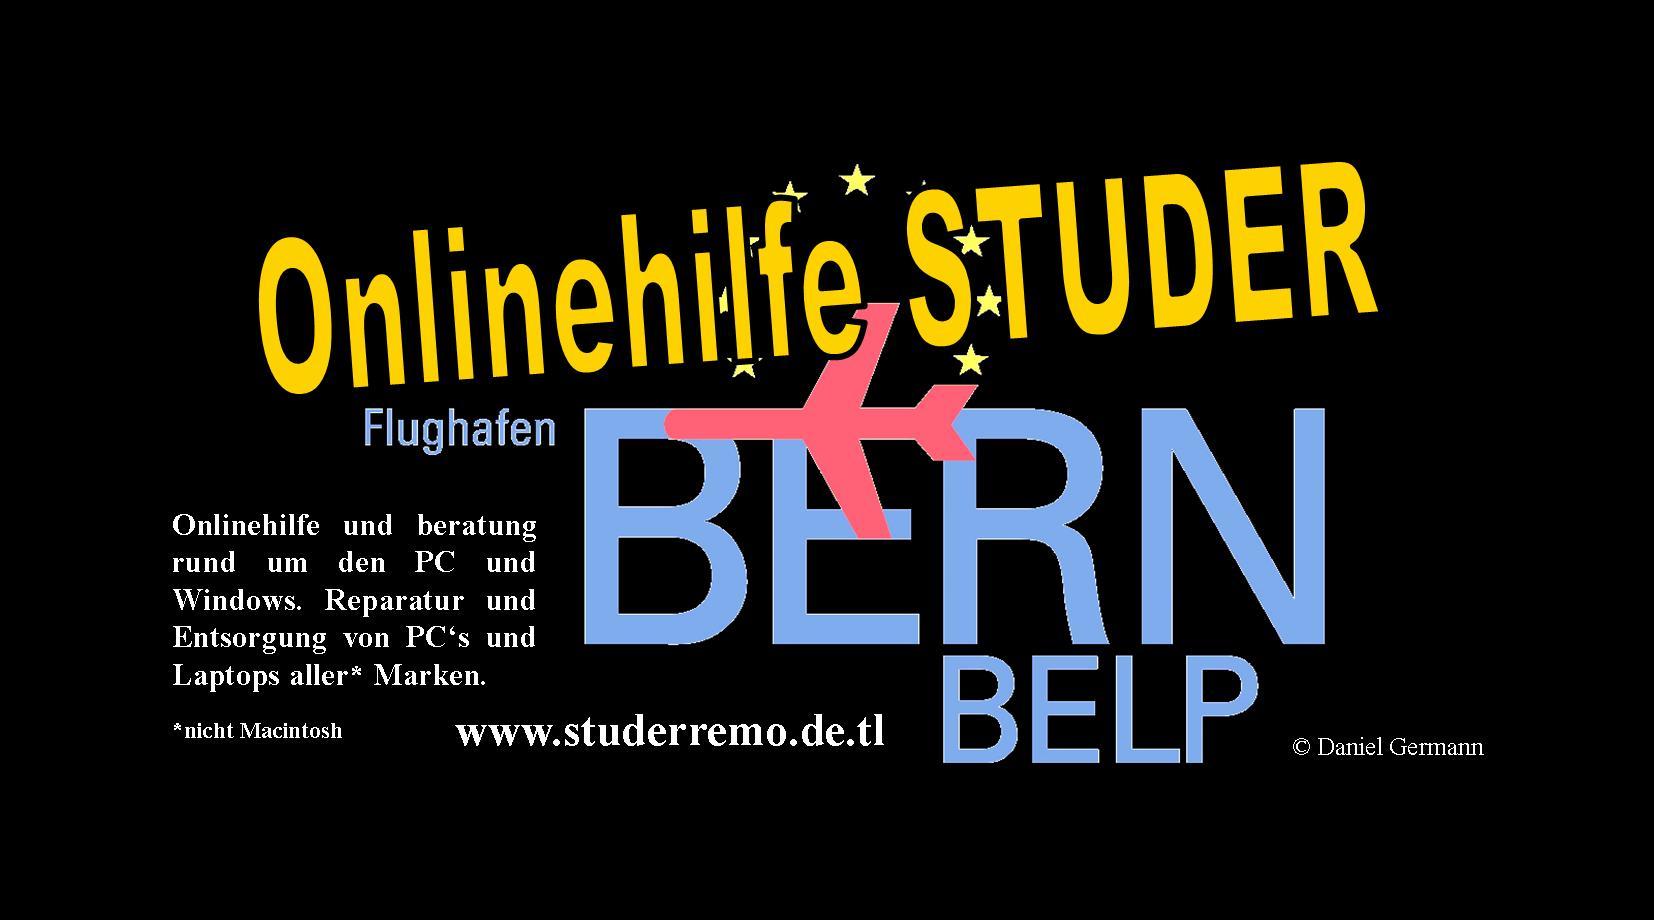 http://www.studer.de.tl/